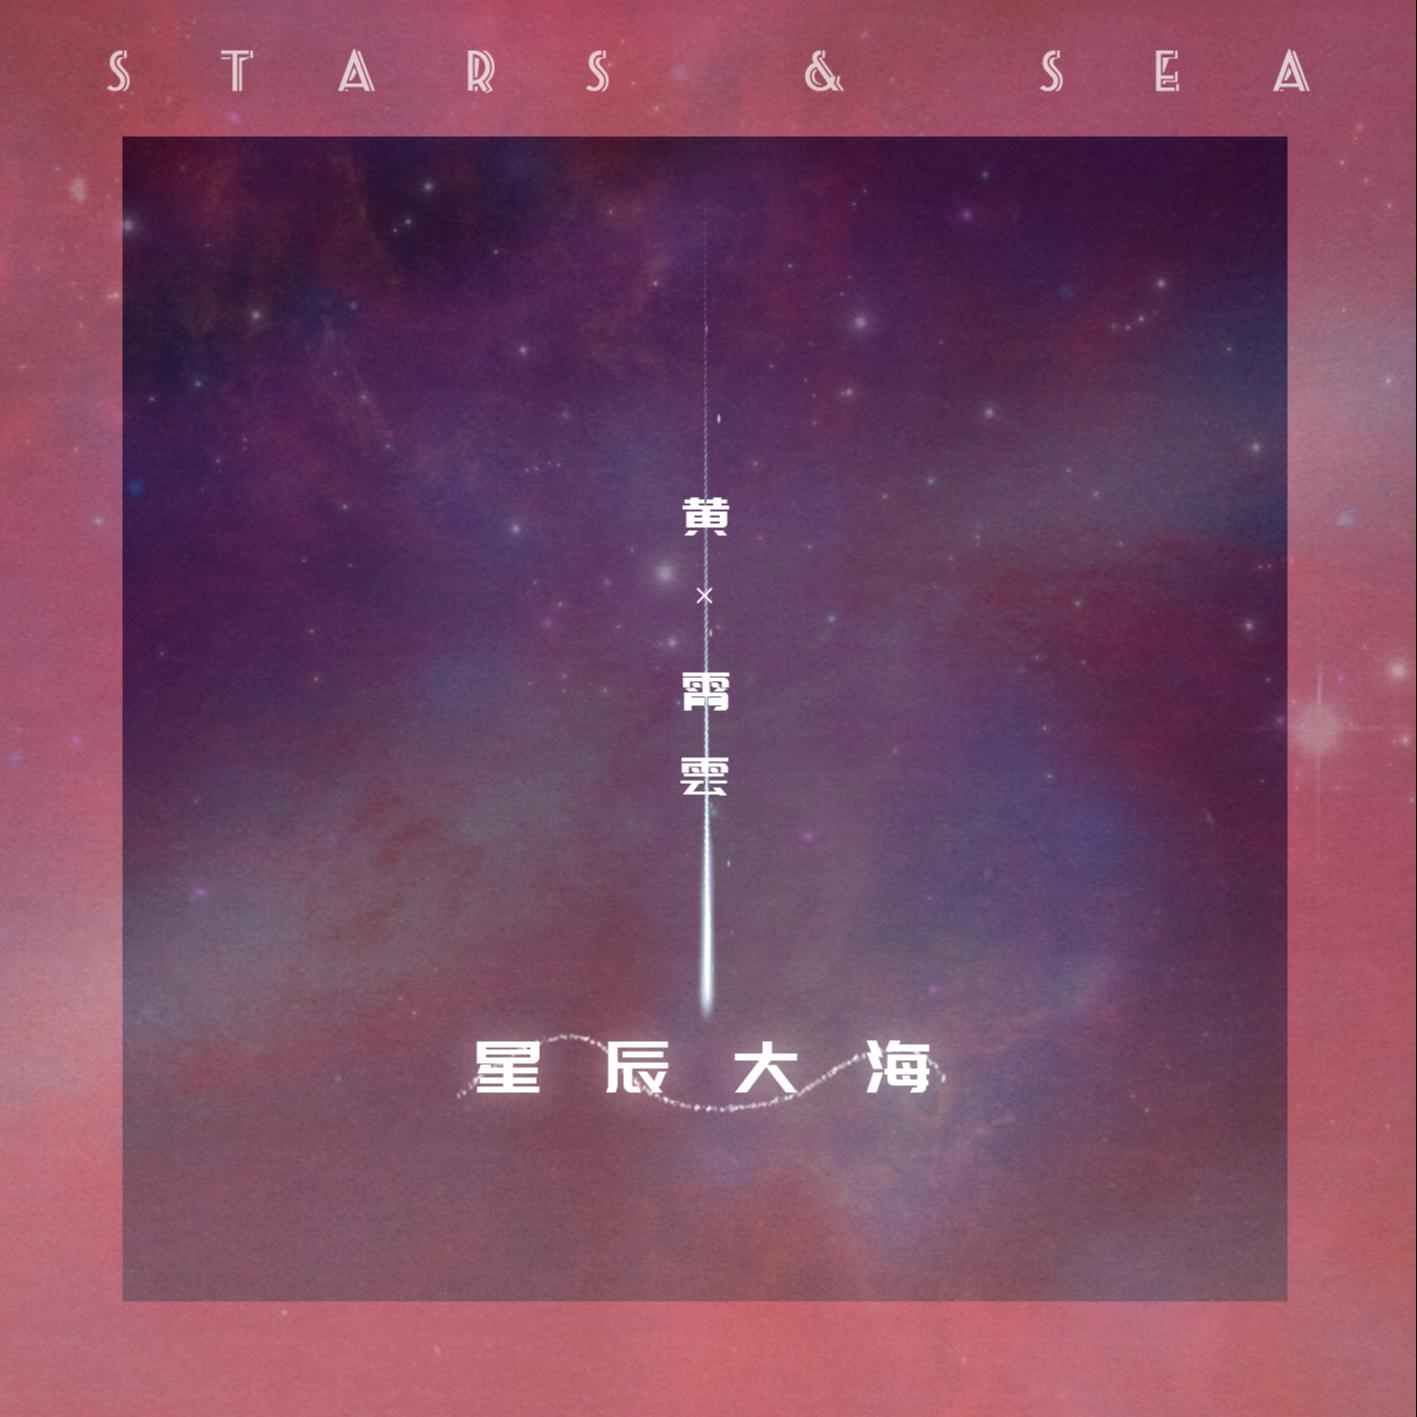 星辰大海 - 黄霄雲